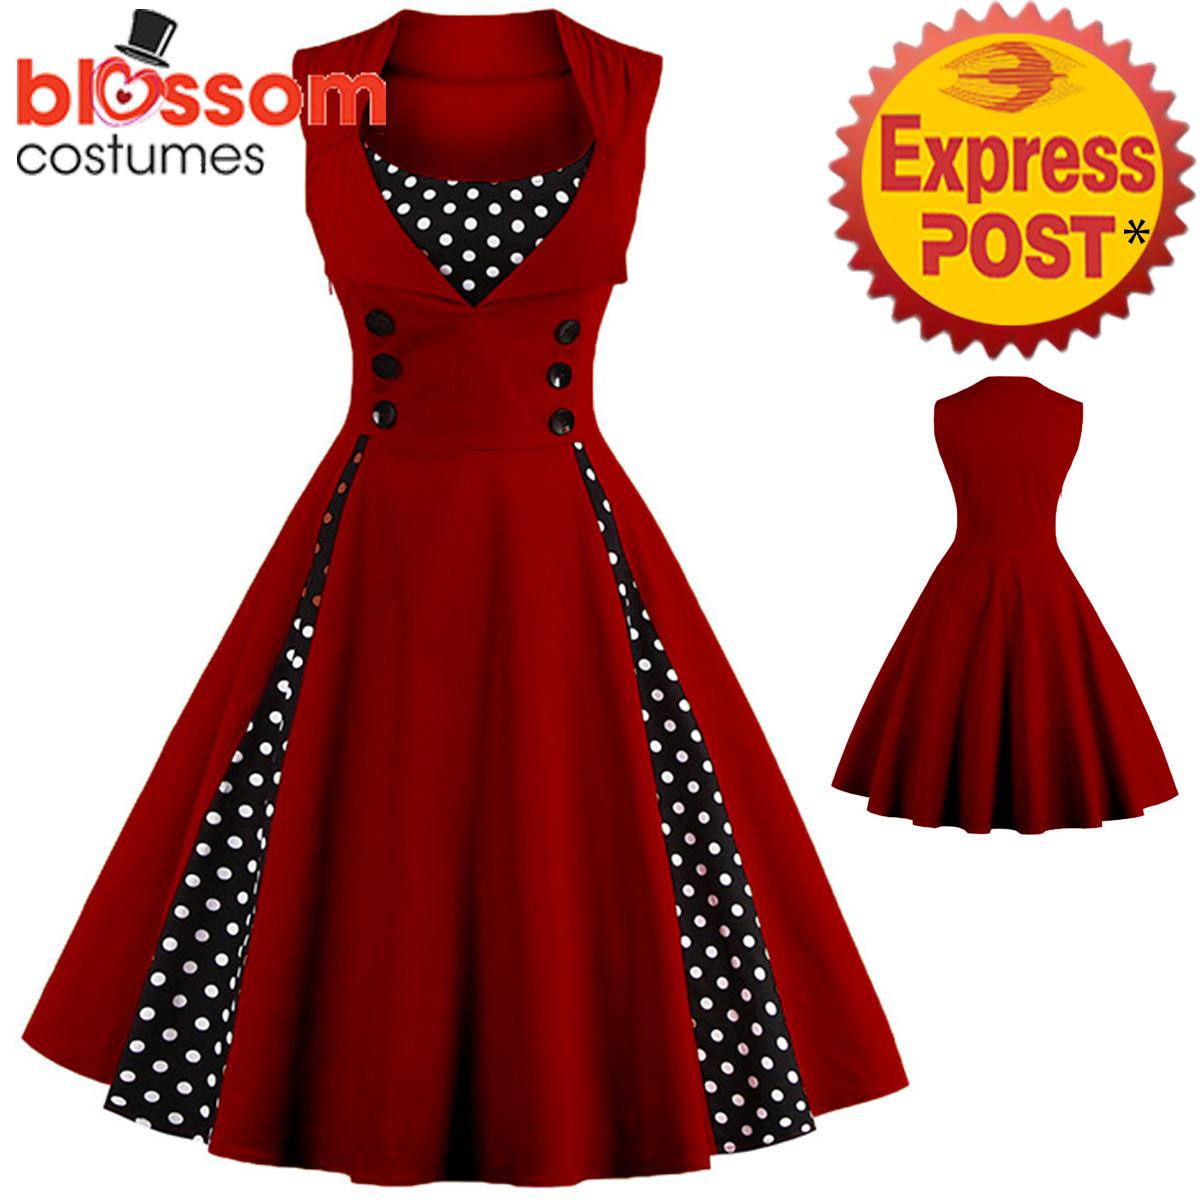 K281-Dark-Red-Retro-Rockabilly-Vintage-Polka-Dots-Swing-Dress-50s-Evening-Formal